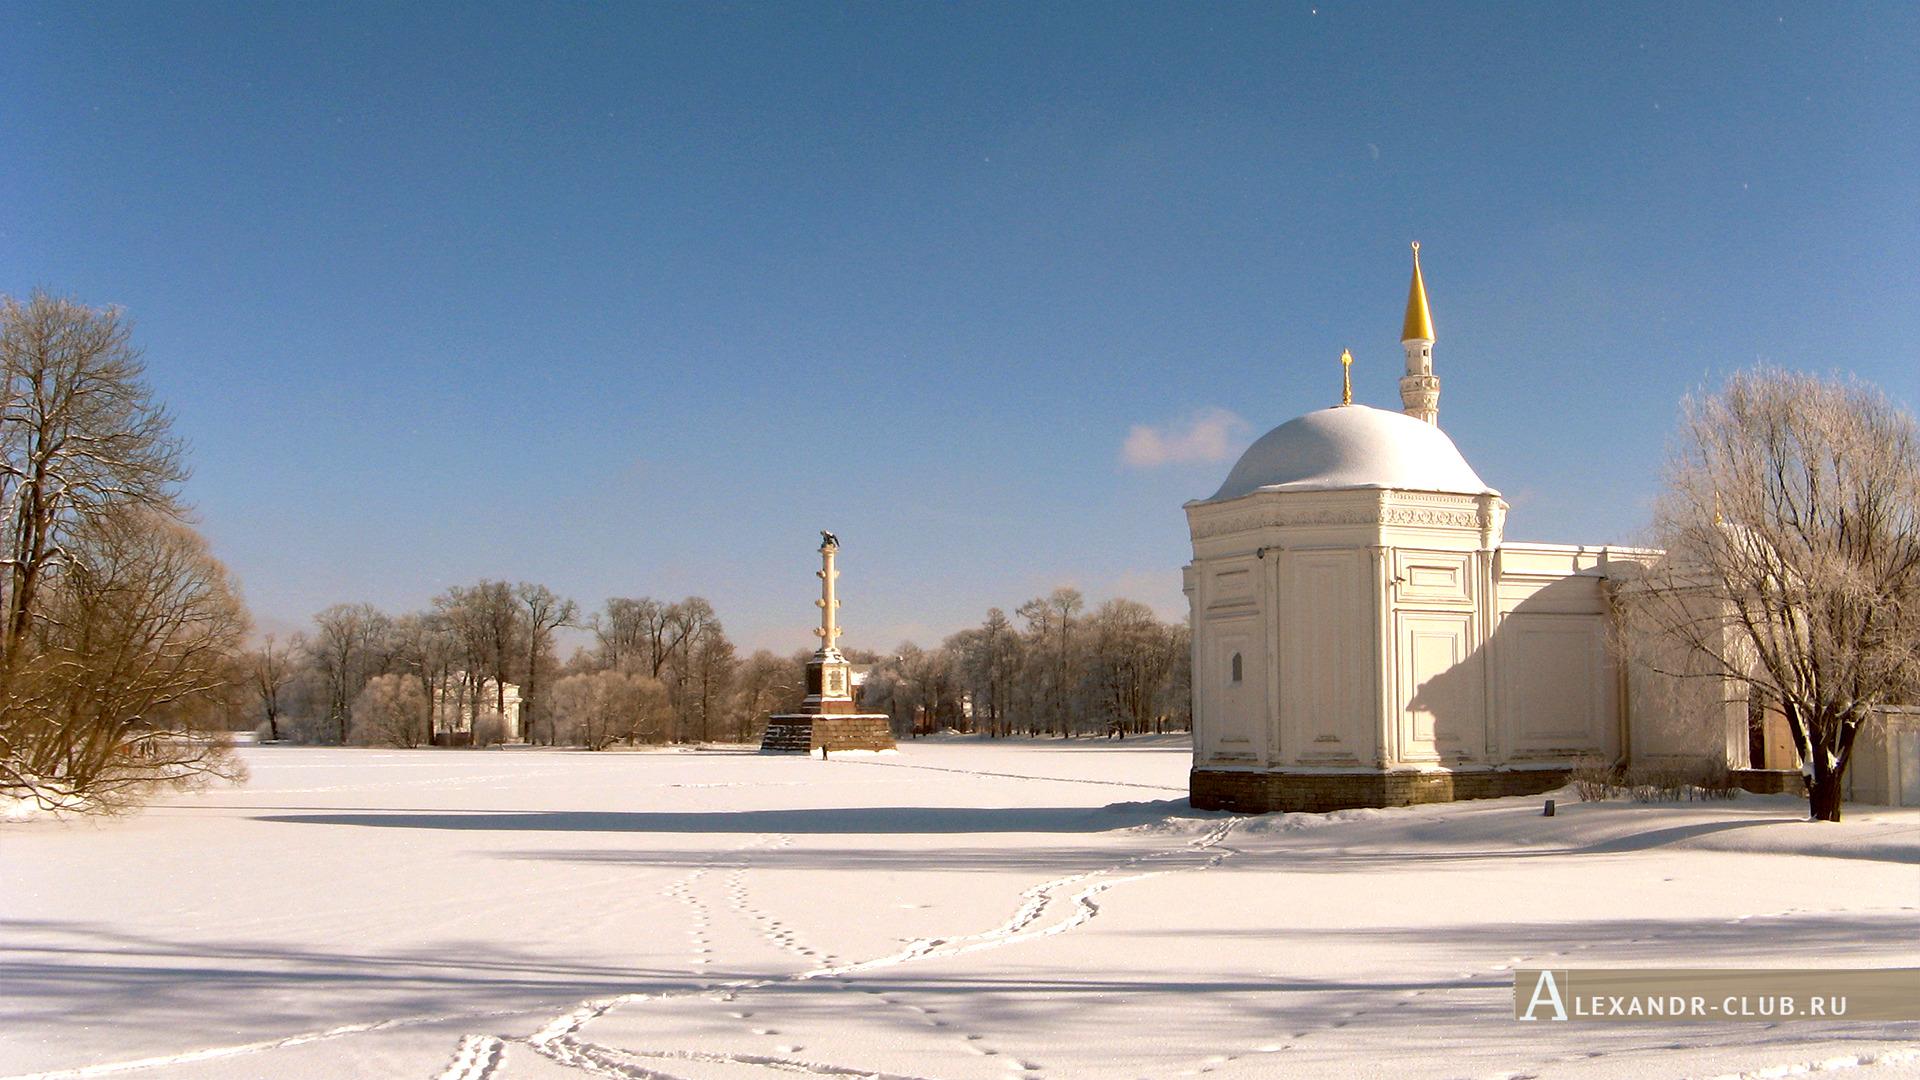 Царское Село, зима, Екатерининский парк, «Турецкая баня» и Чесменская колонна